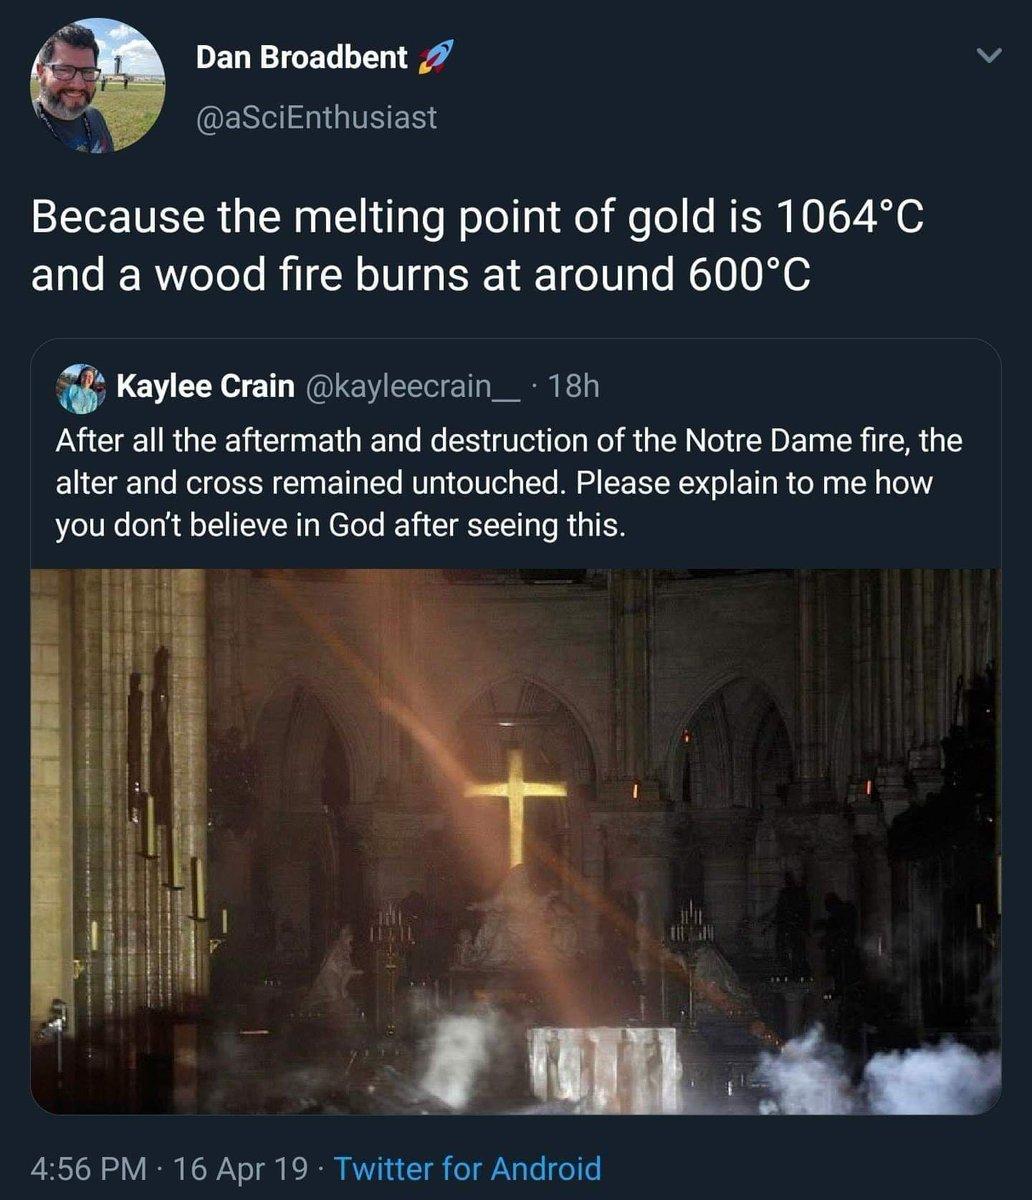 RT @SiriusArc7: 「ノートルダム大聖堂の火災から十字架は無傷で残りました。どう考えても神の御業でしょう、なぜ神を信じないのか説明してごらんなさい」 「木が燃えるときは600度ほどだけど金の融点は1064度だから」 https://t.co/wzlbAzz5jz